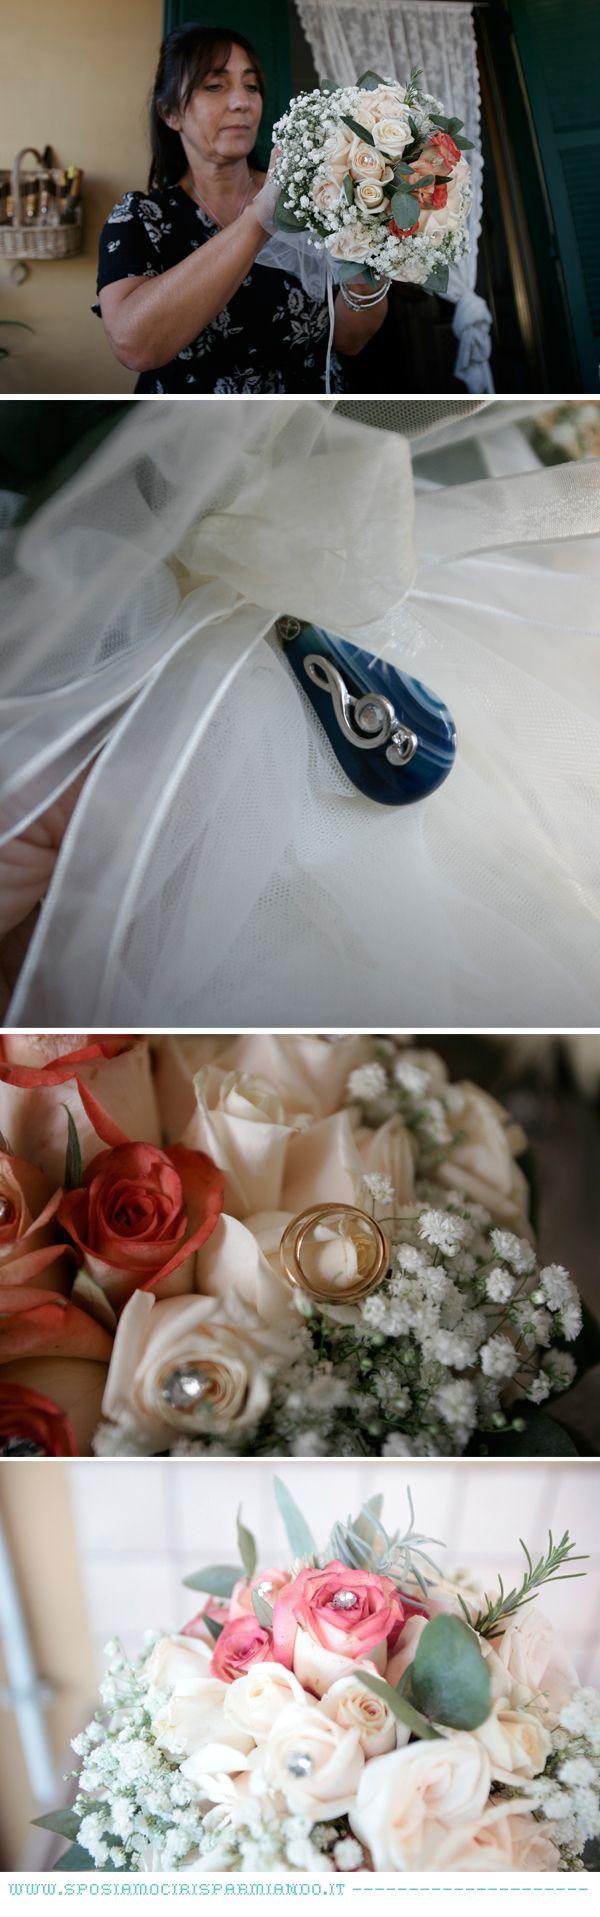 Bouquet musicale - Abito da sposa 2014: sartoriale e musicale - Serena Carradori